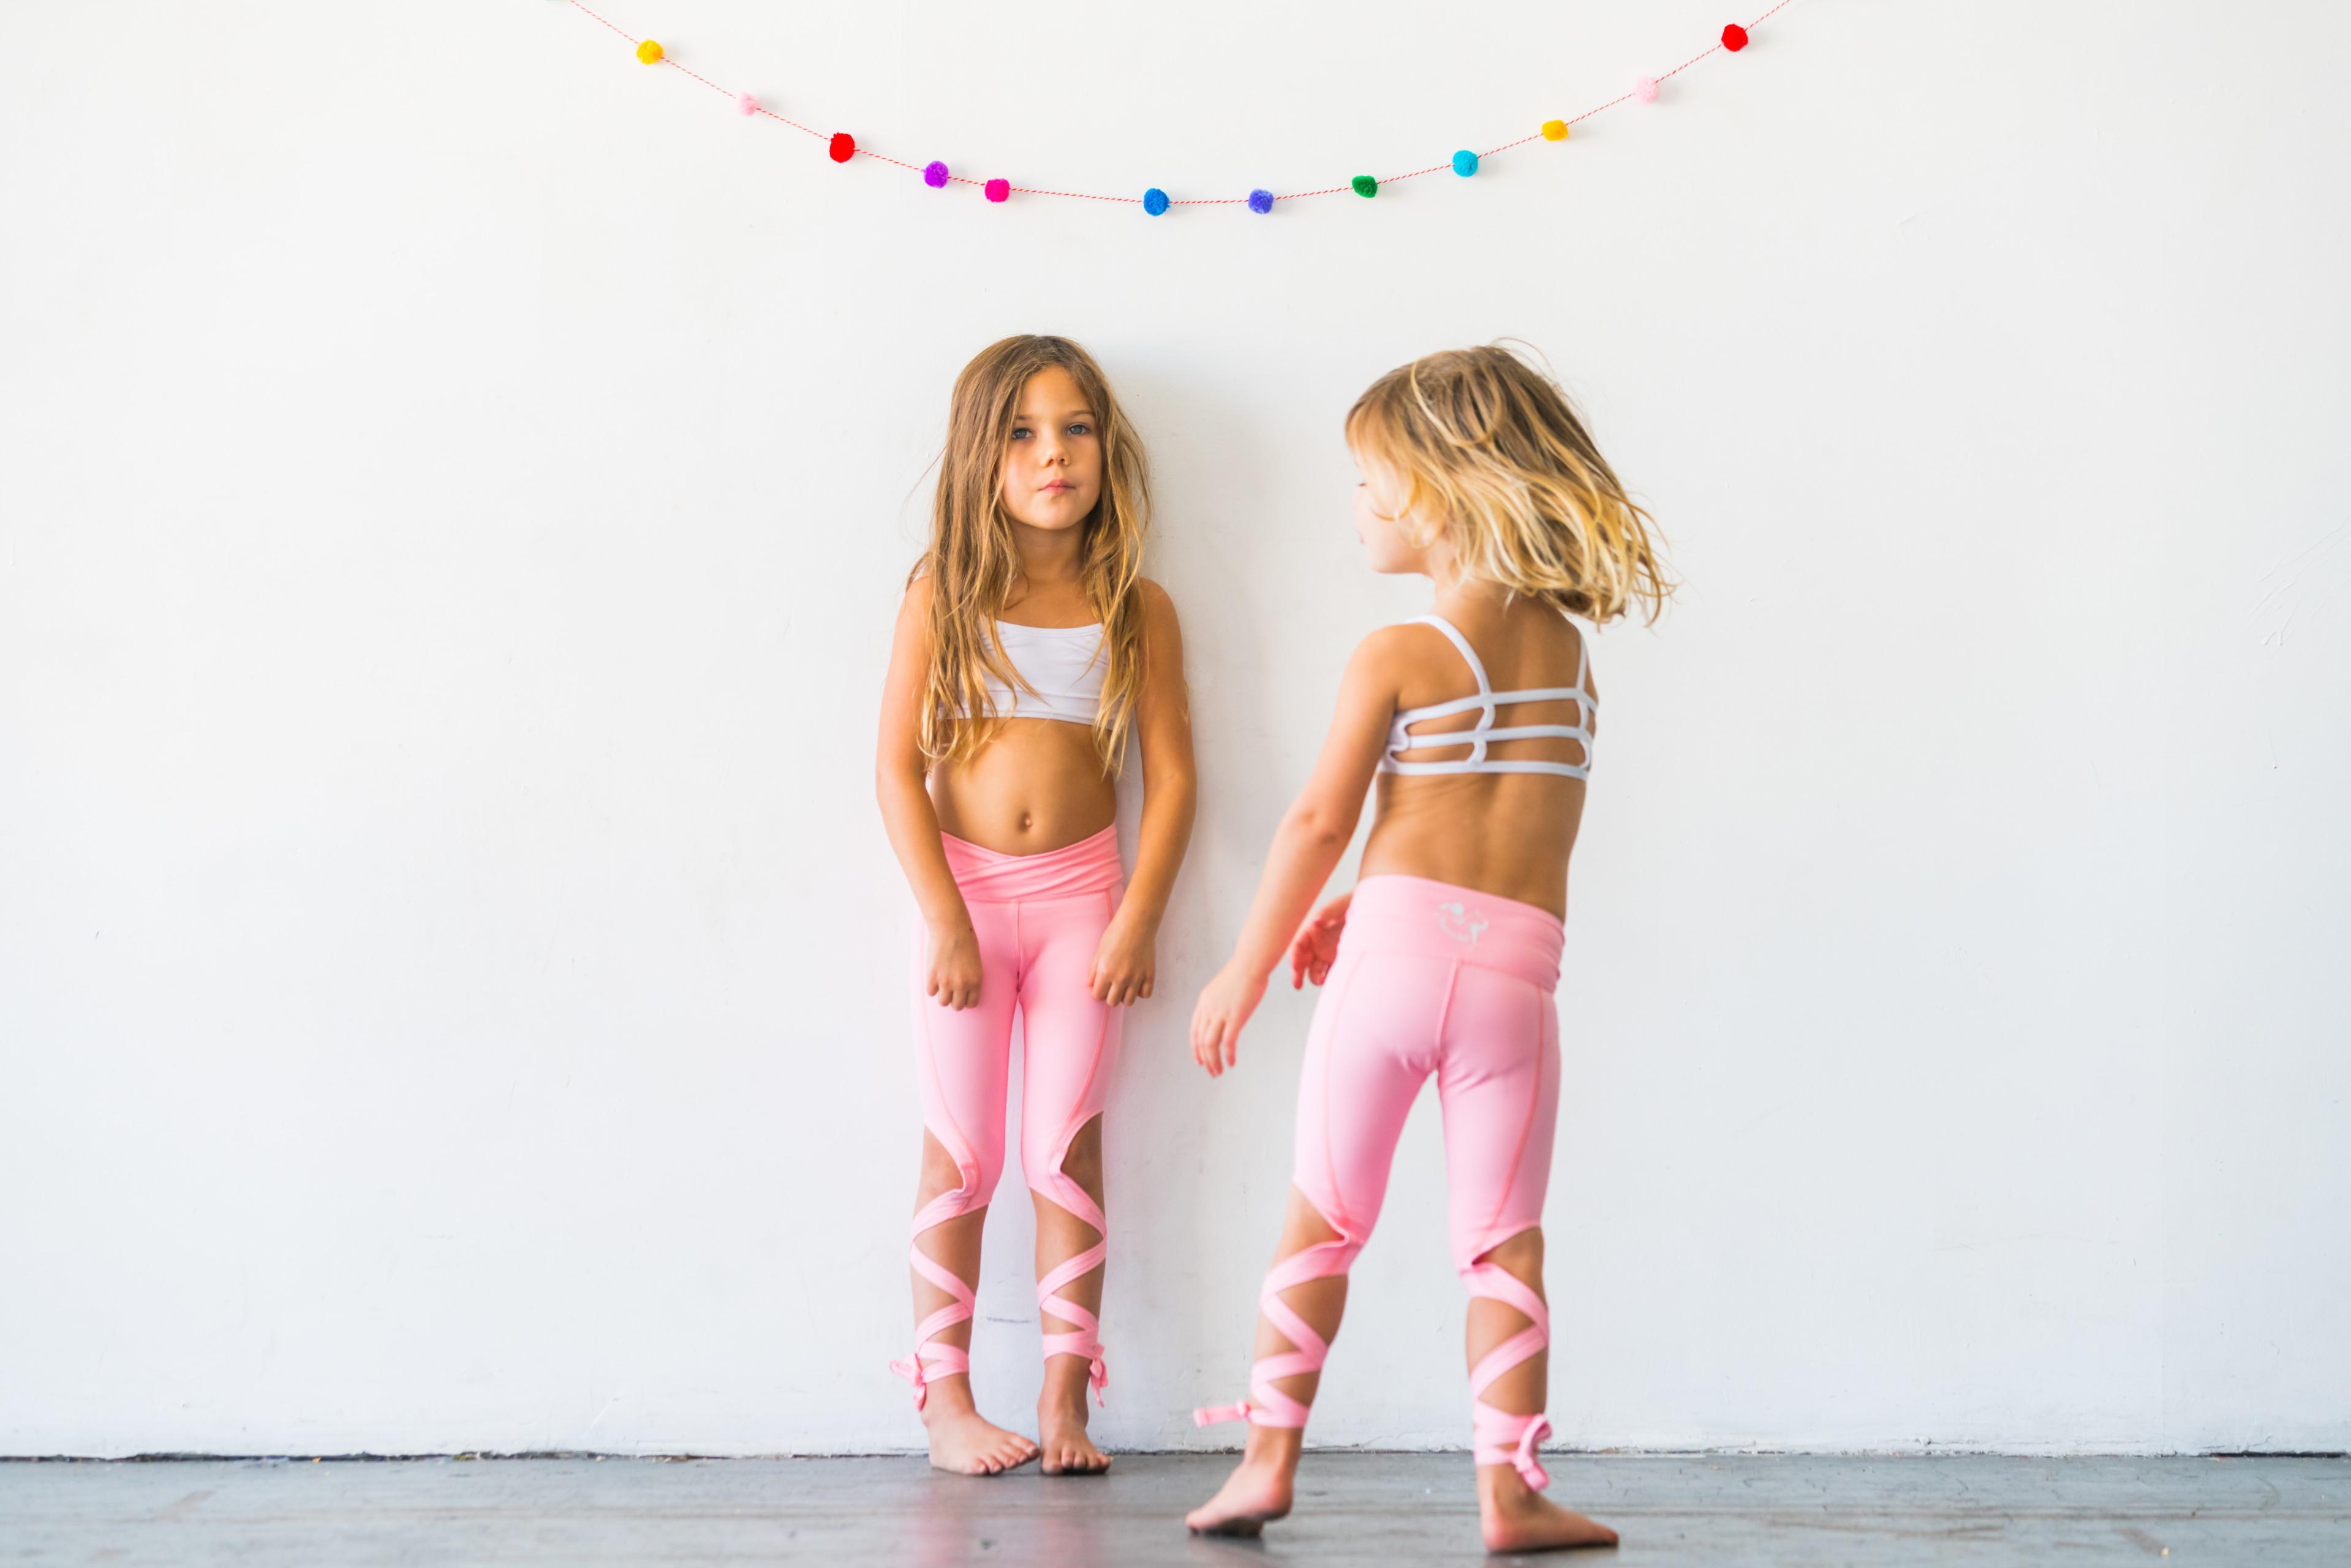 e1769bc1e98b4 Flexi Lexi Fitness Kids Minis Coral Pink Dancer Leggings Sports Yoga Pants